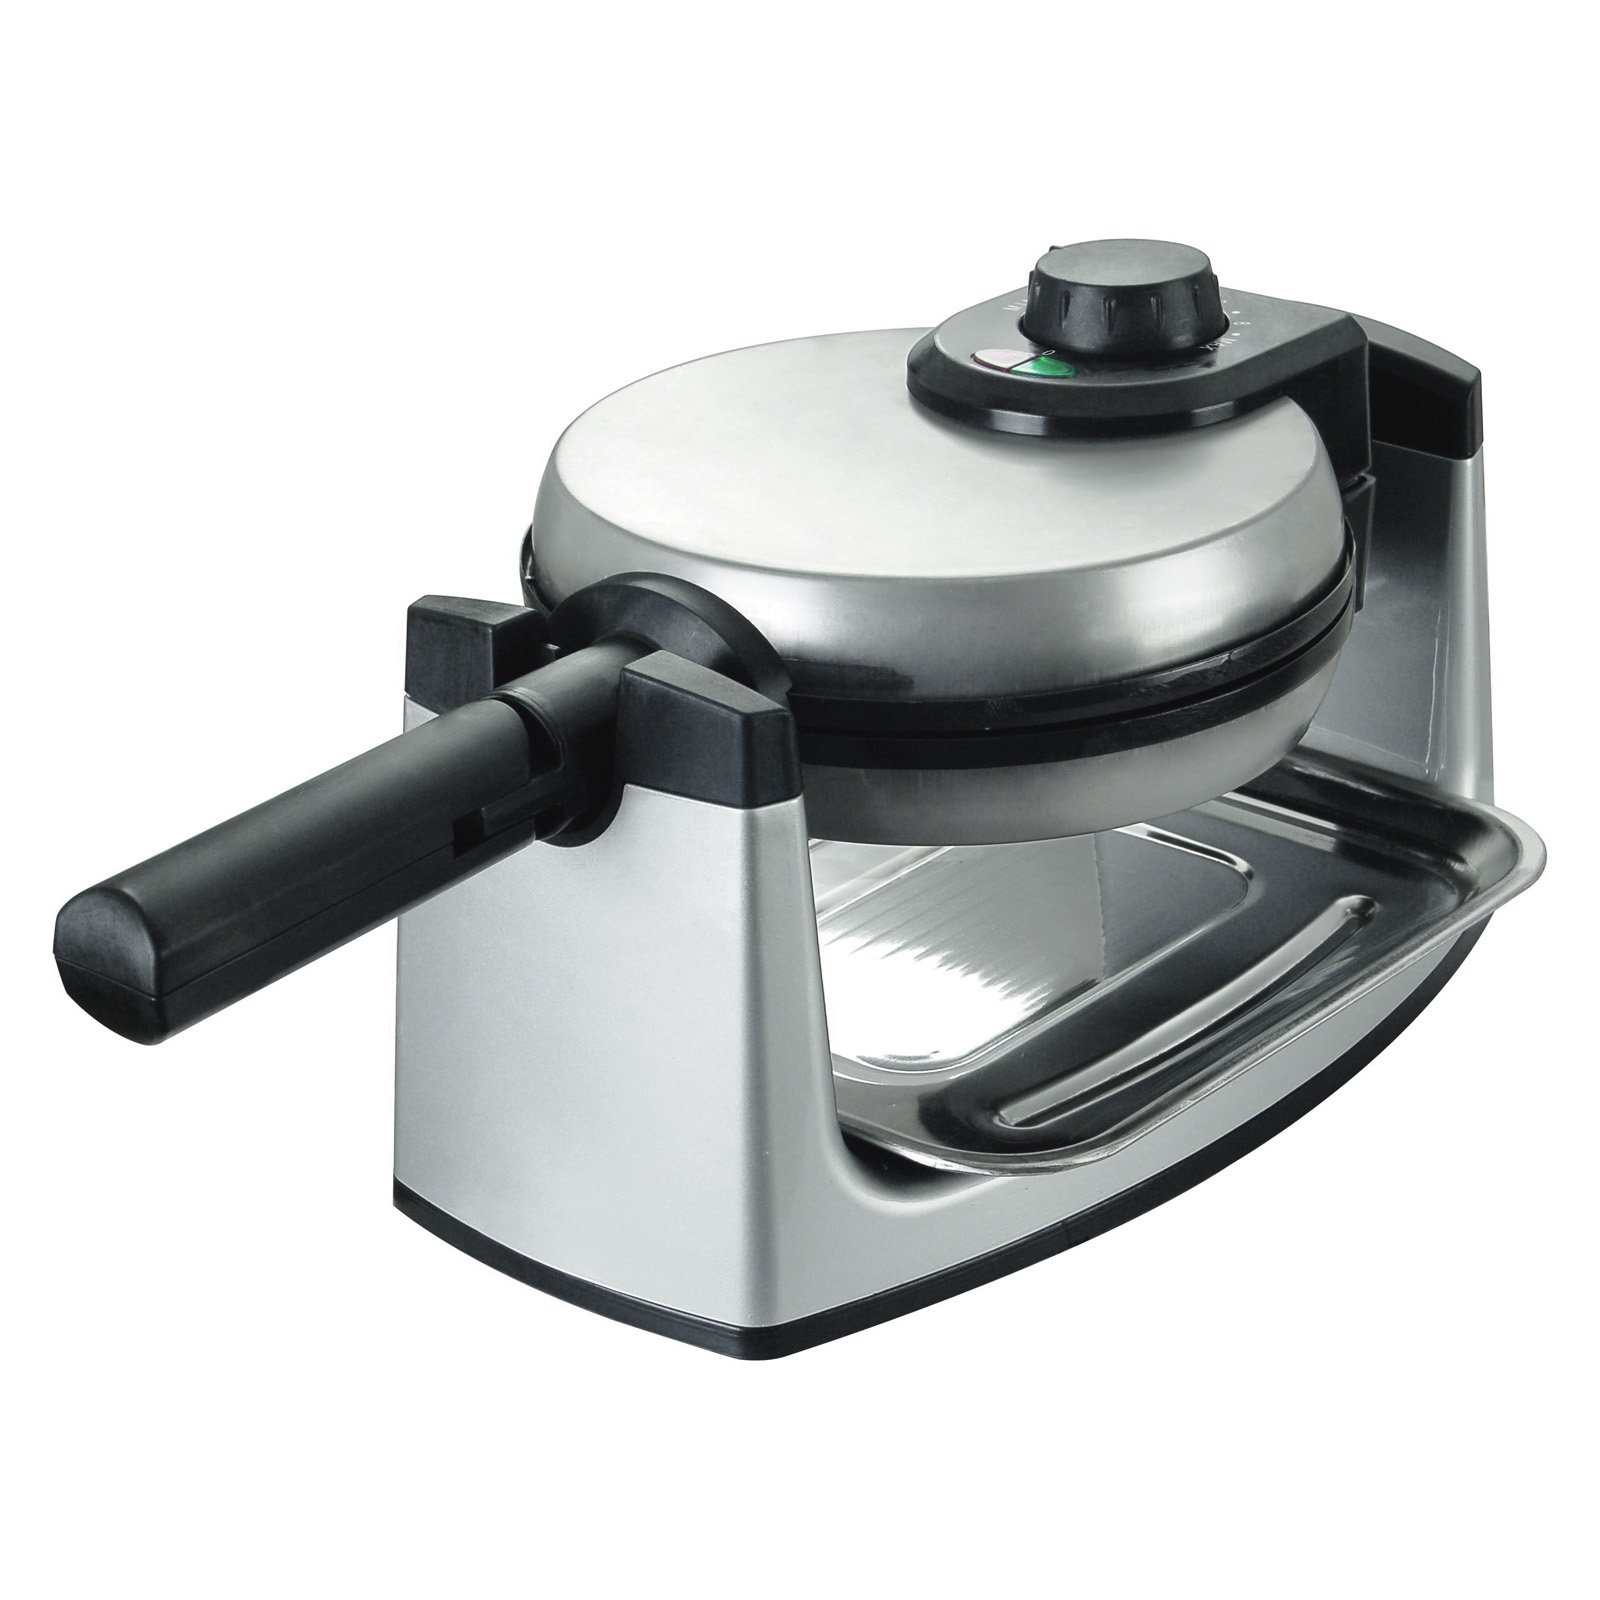 waring pro wmk200 belgian waffle maker stainless steelblack walmartcom - Waring Pro Waffle Maker